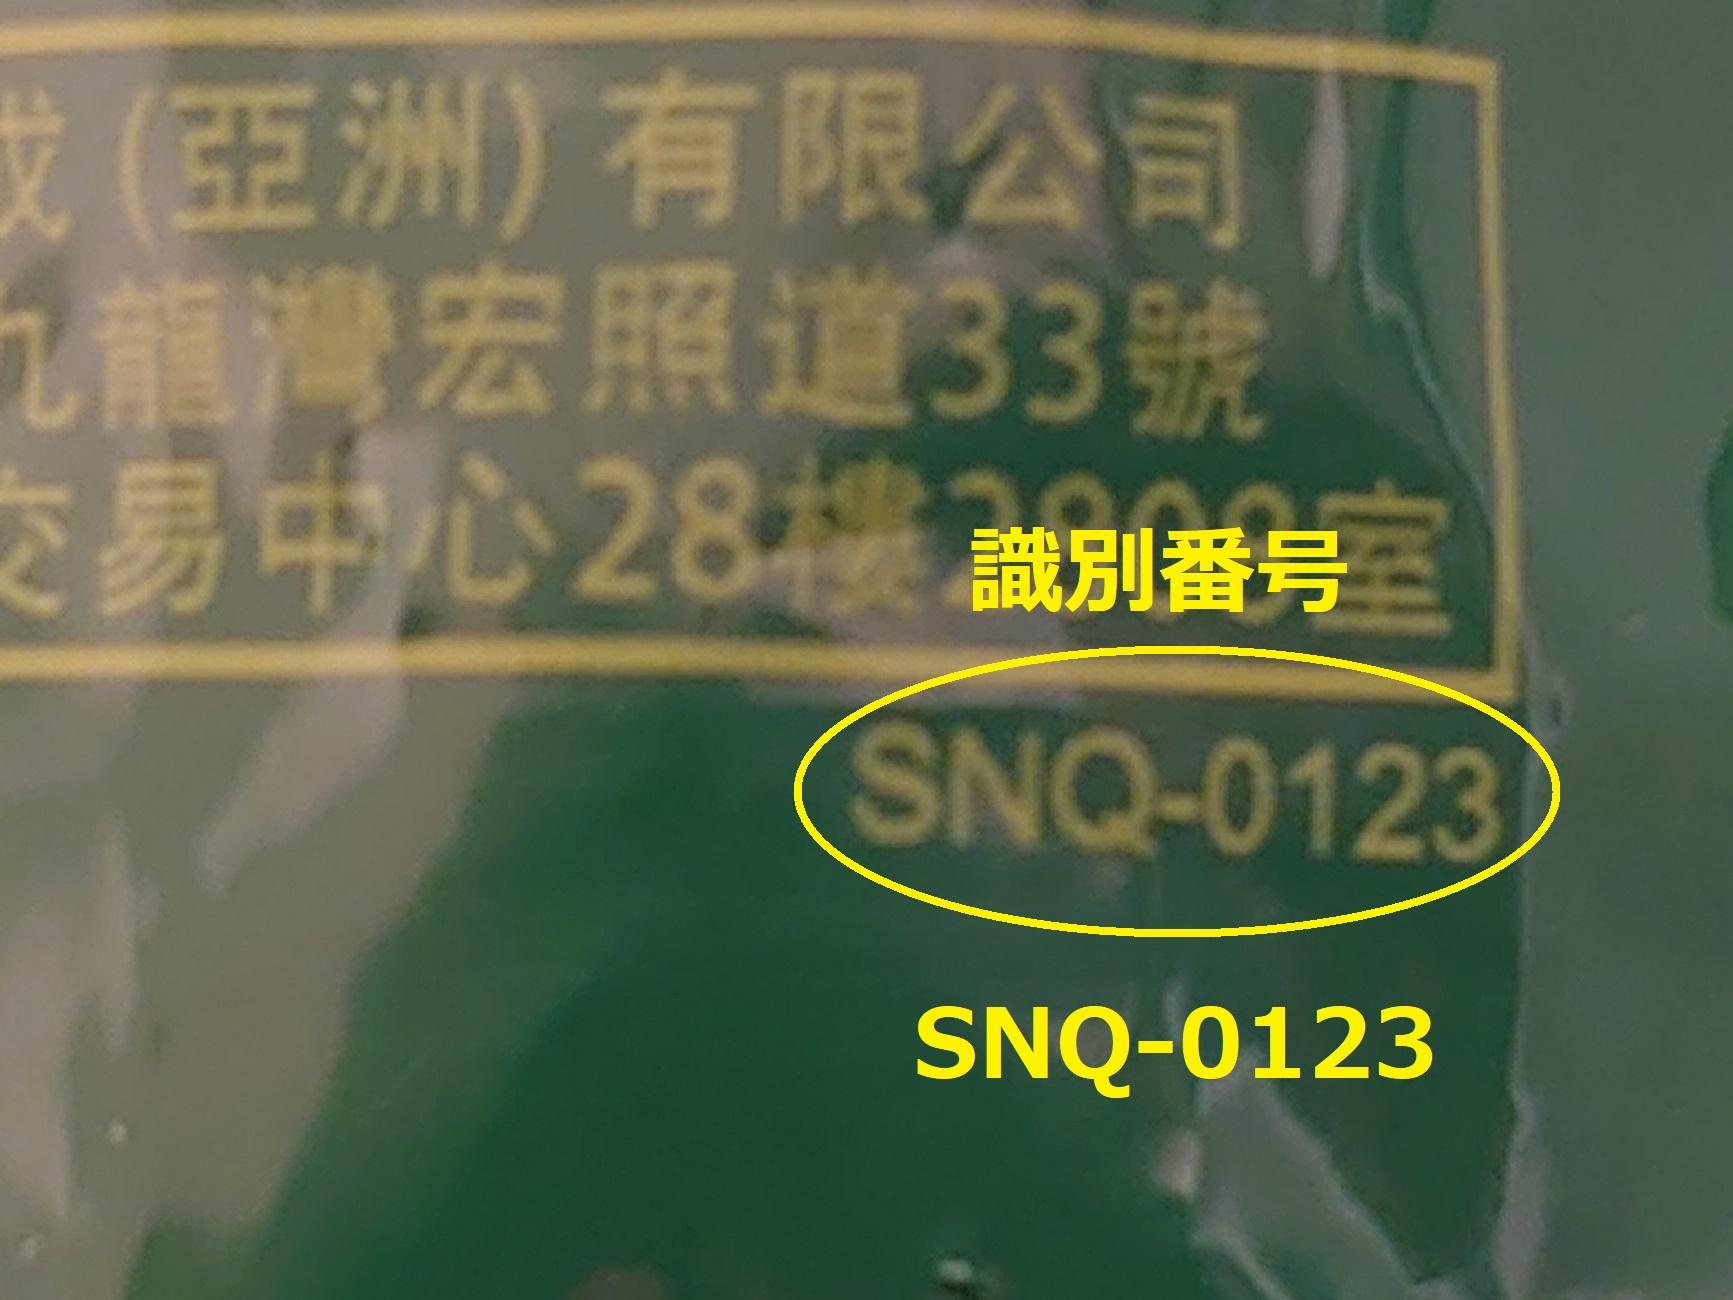 識別番号:SNQ-0123